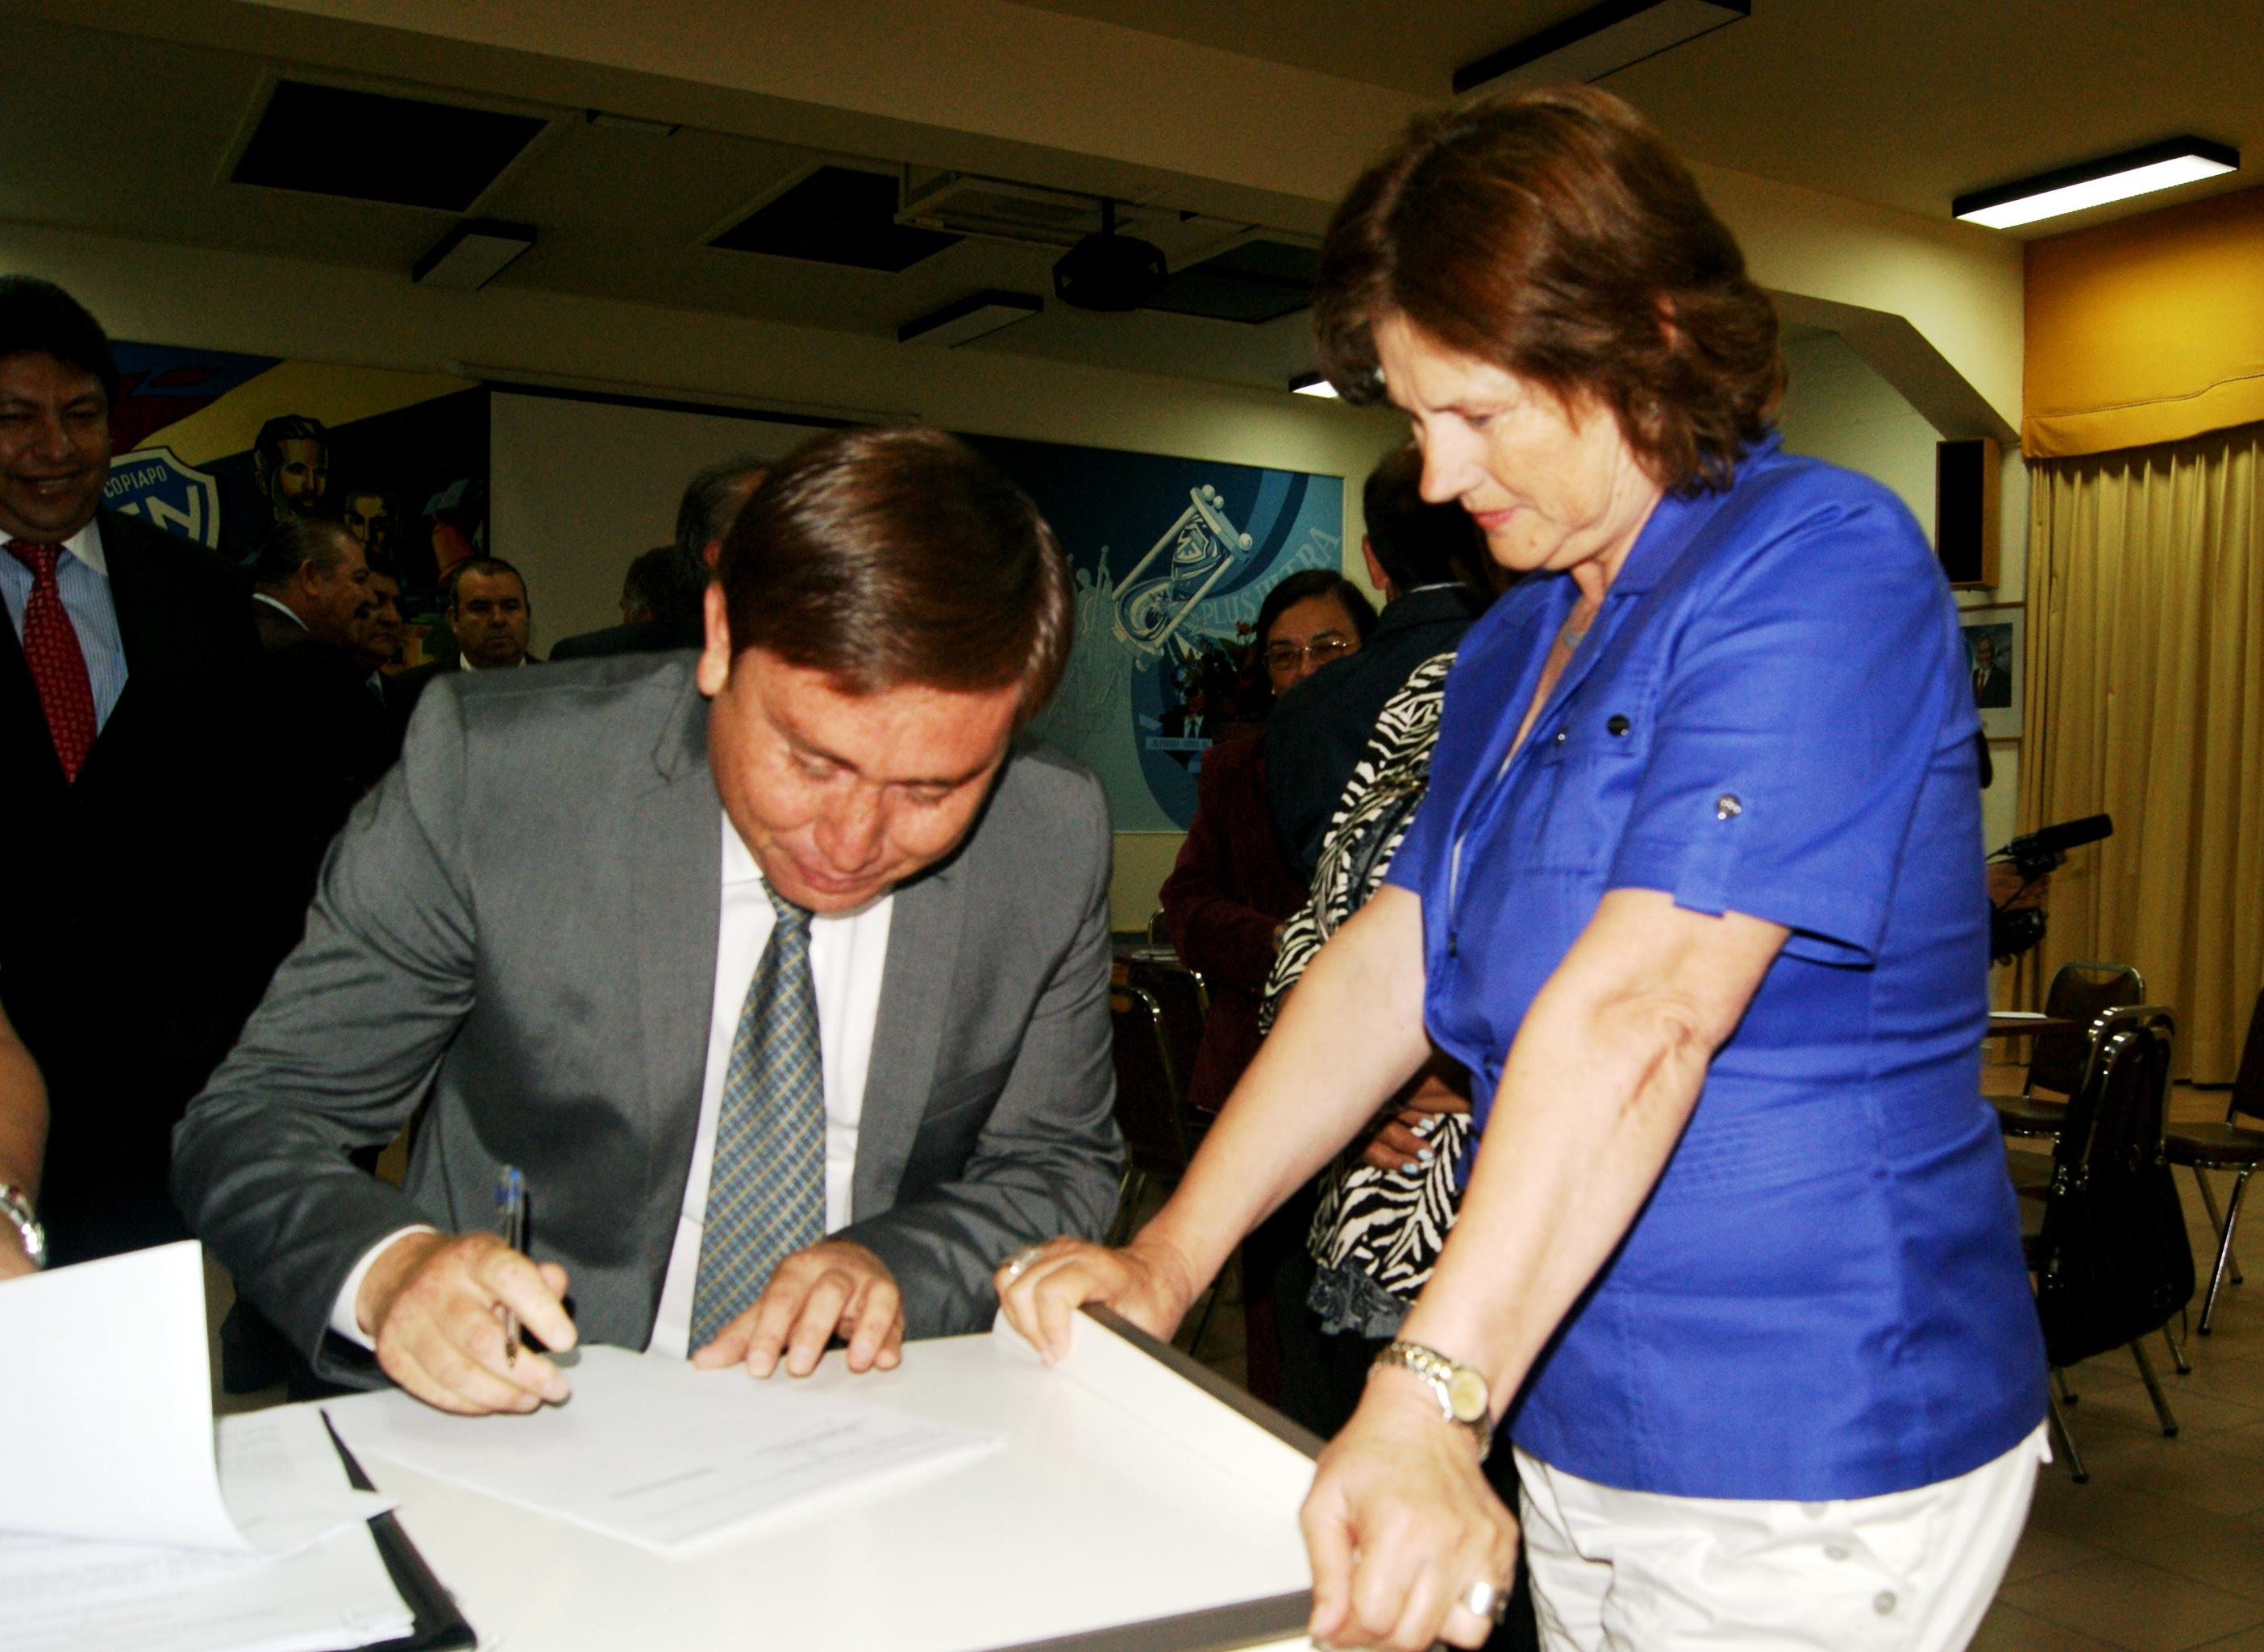 Entregan más de 680 millones de pesos para educación en la provincia del Huasco